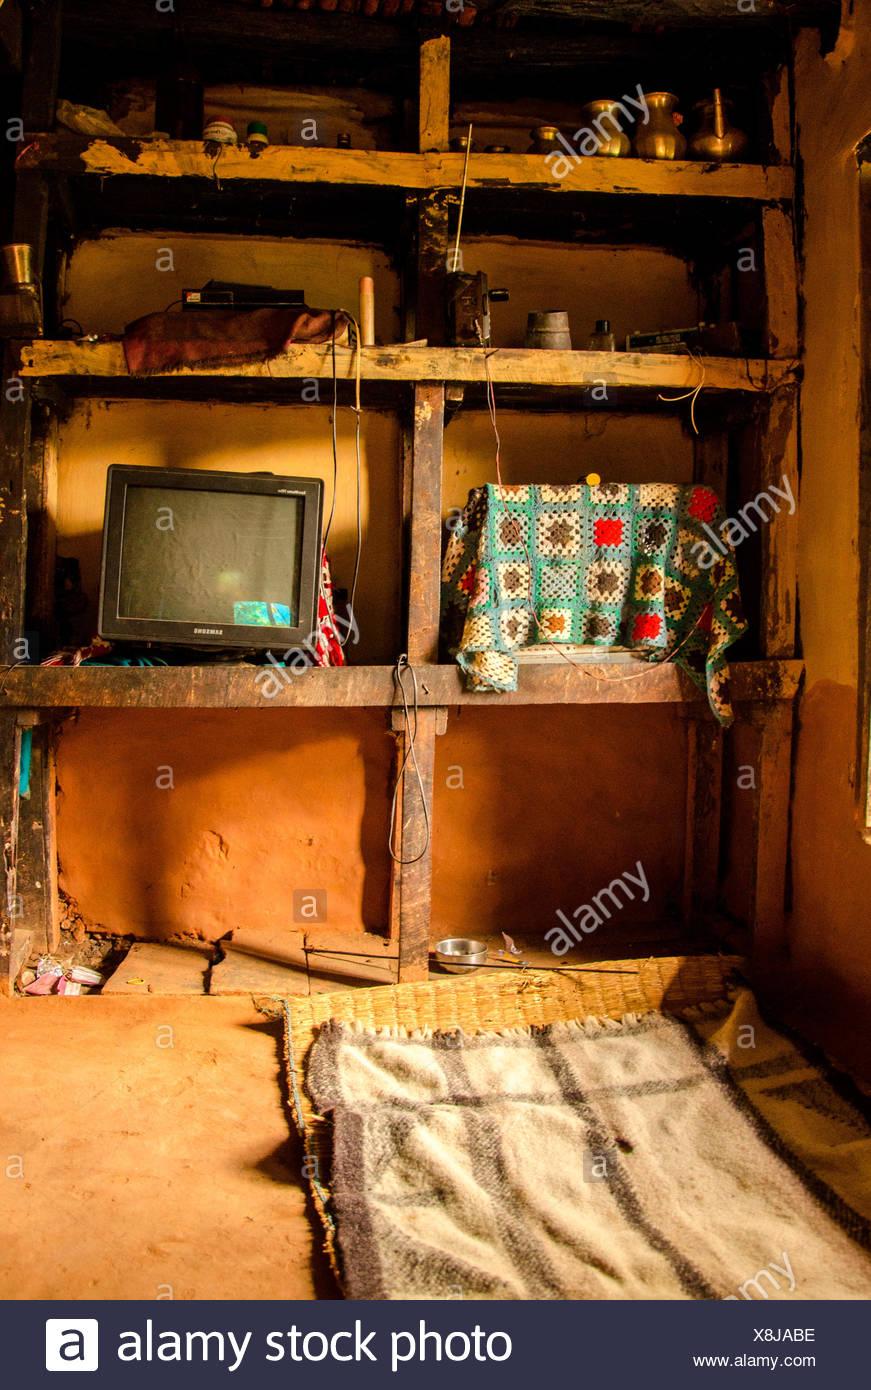 La mia camera da letto per una notte durante il popolo ...